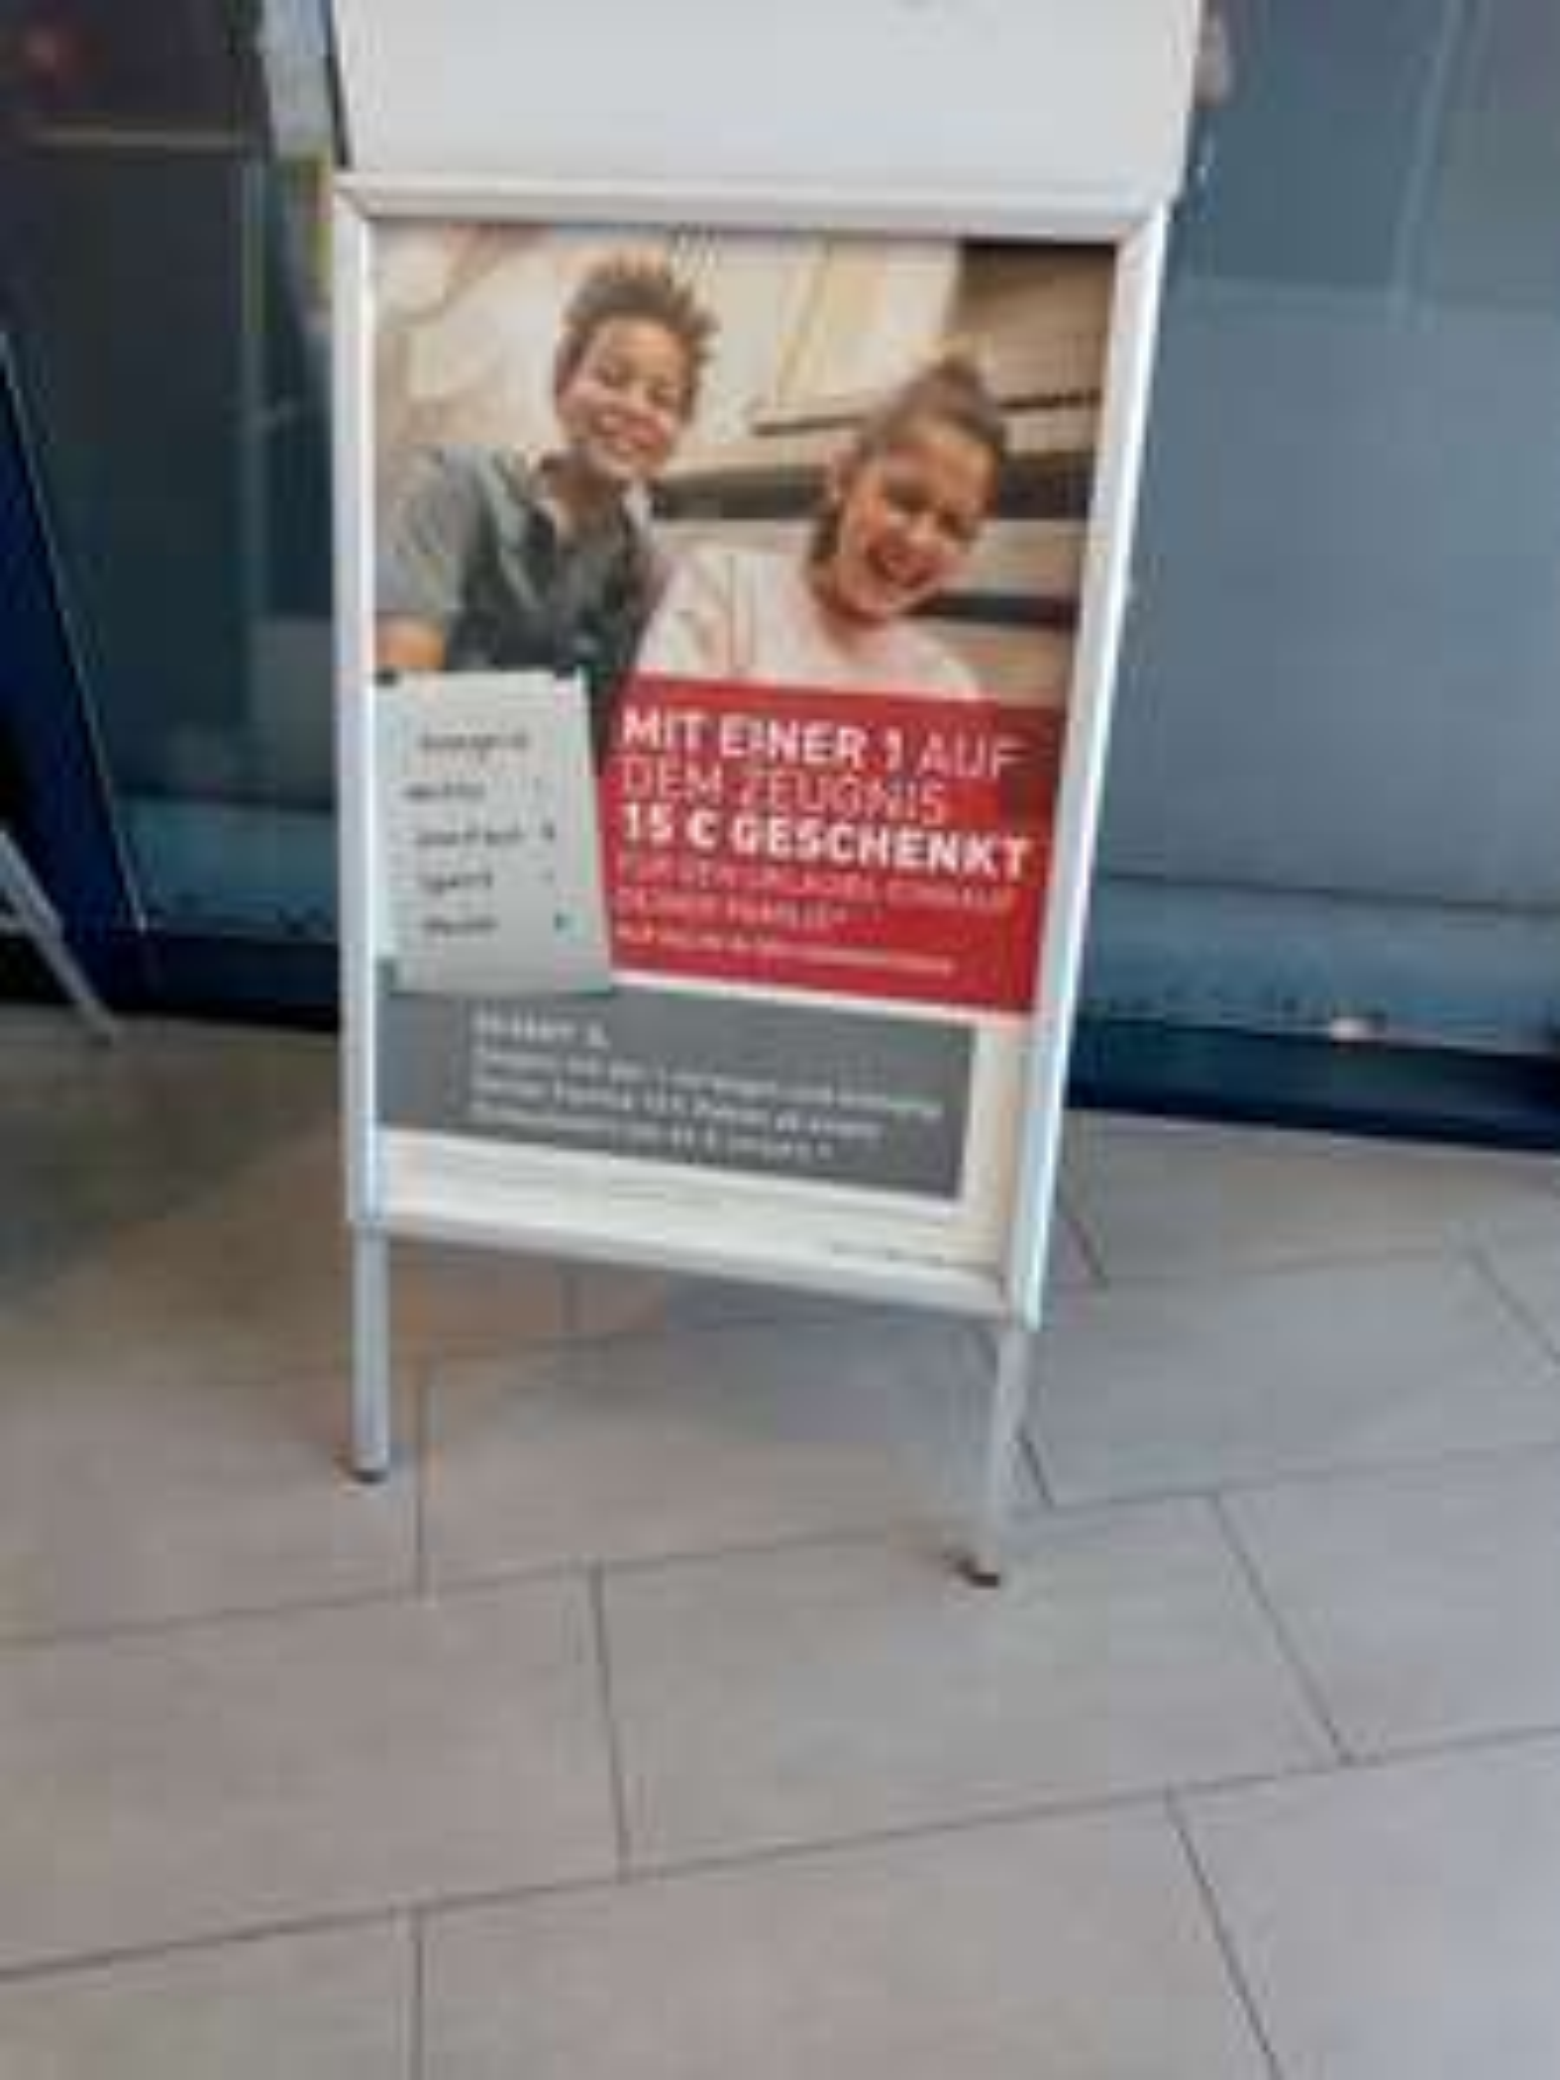 Intersport Voswinkel 15€ Rabatt bei mindestens einer 1 auf dem Zeugnis MBW 60€